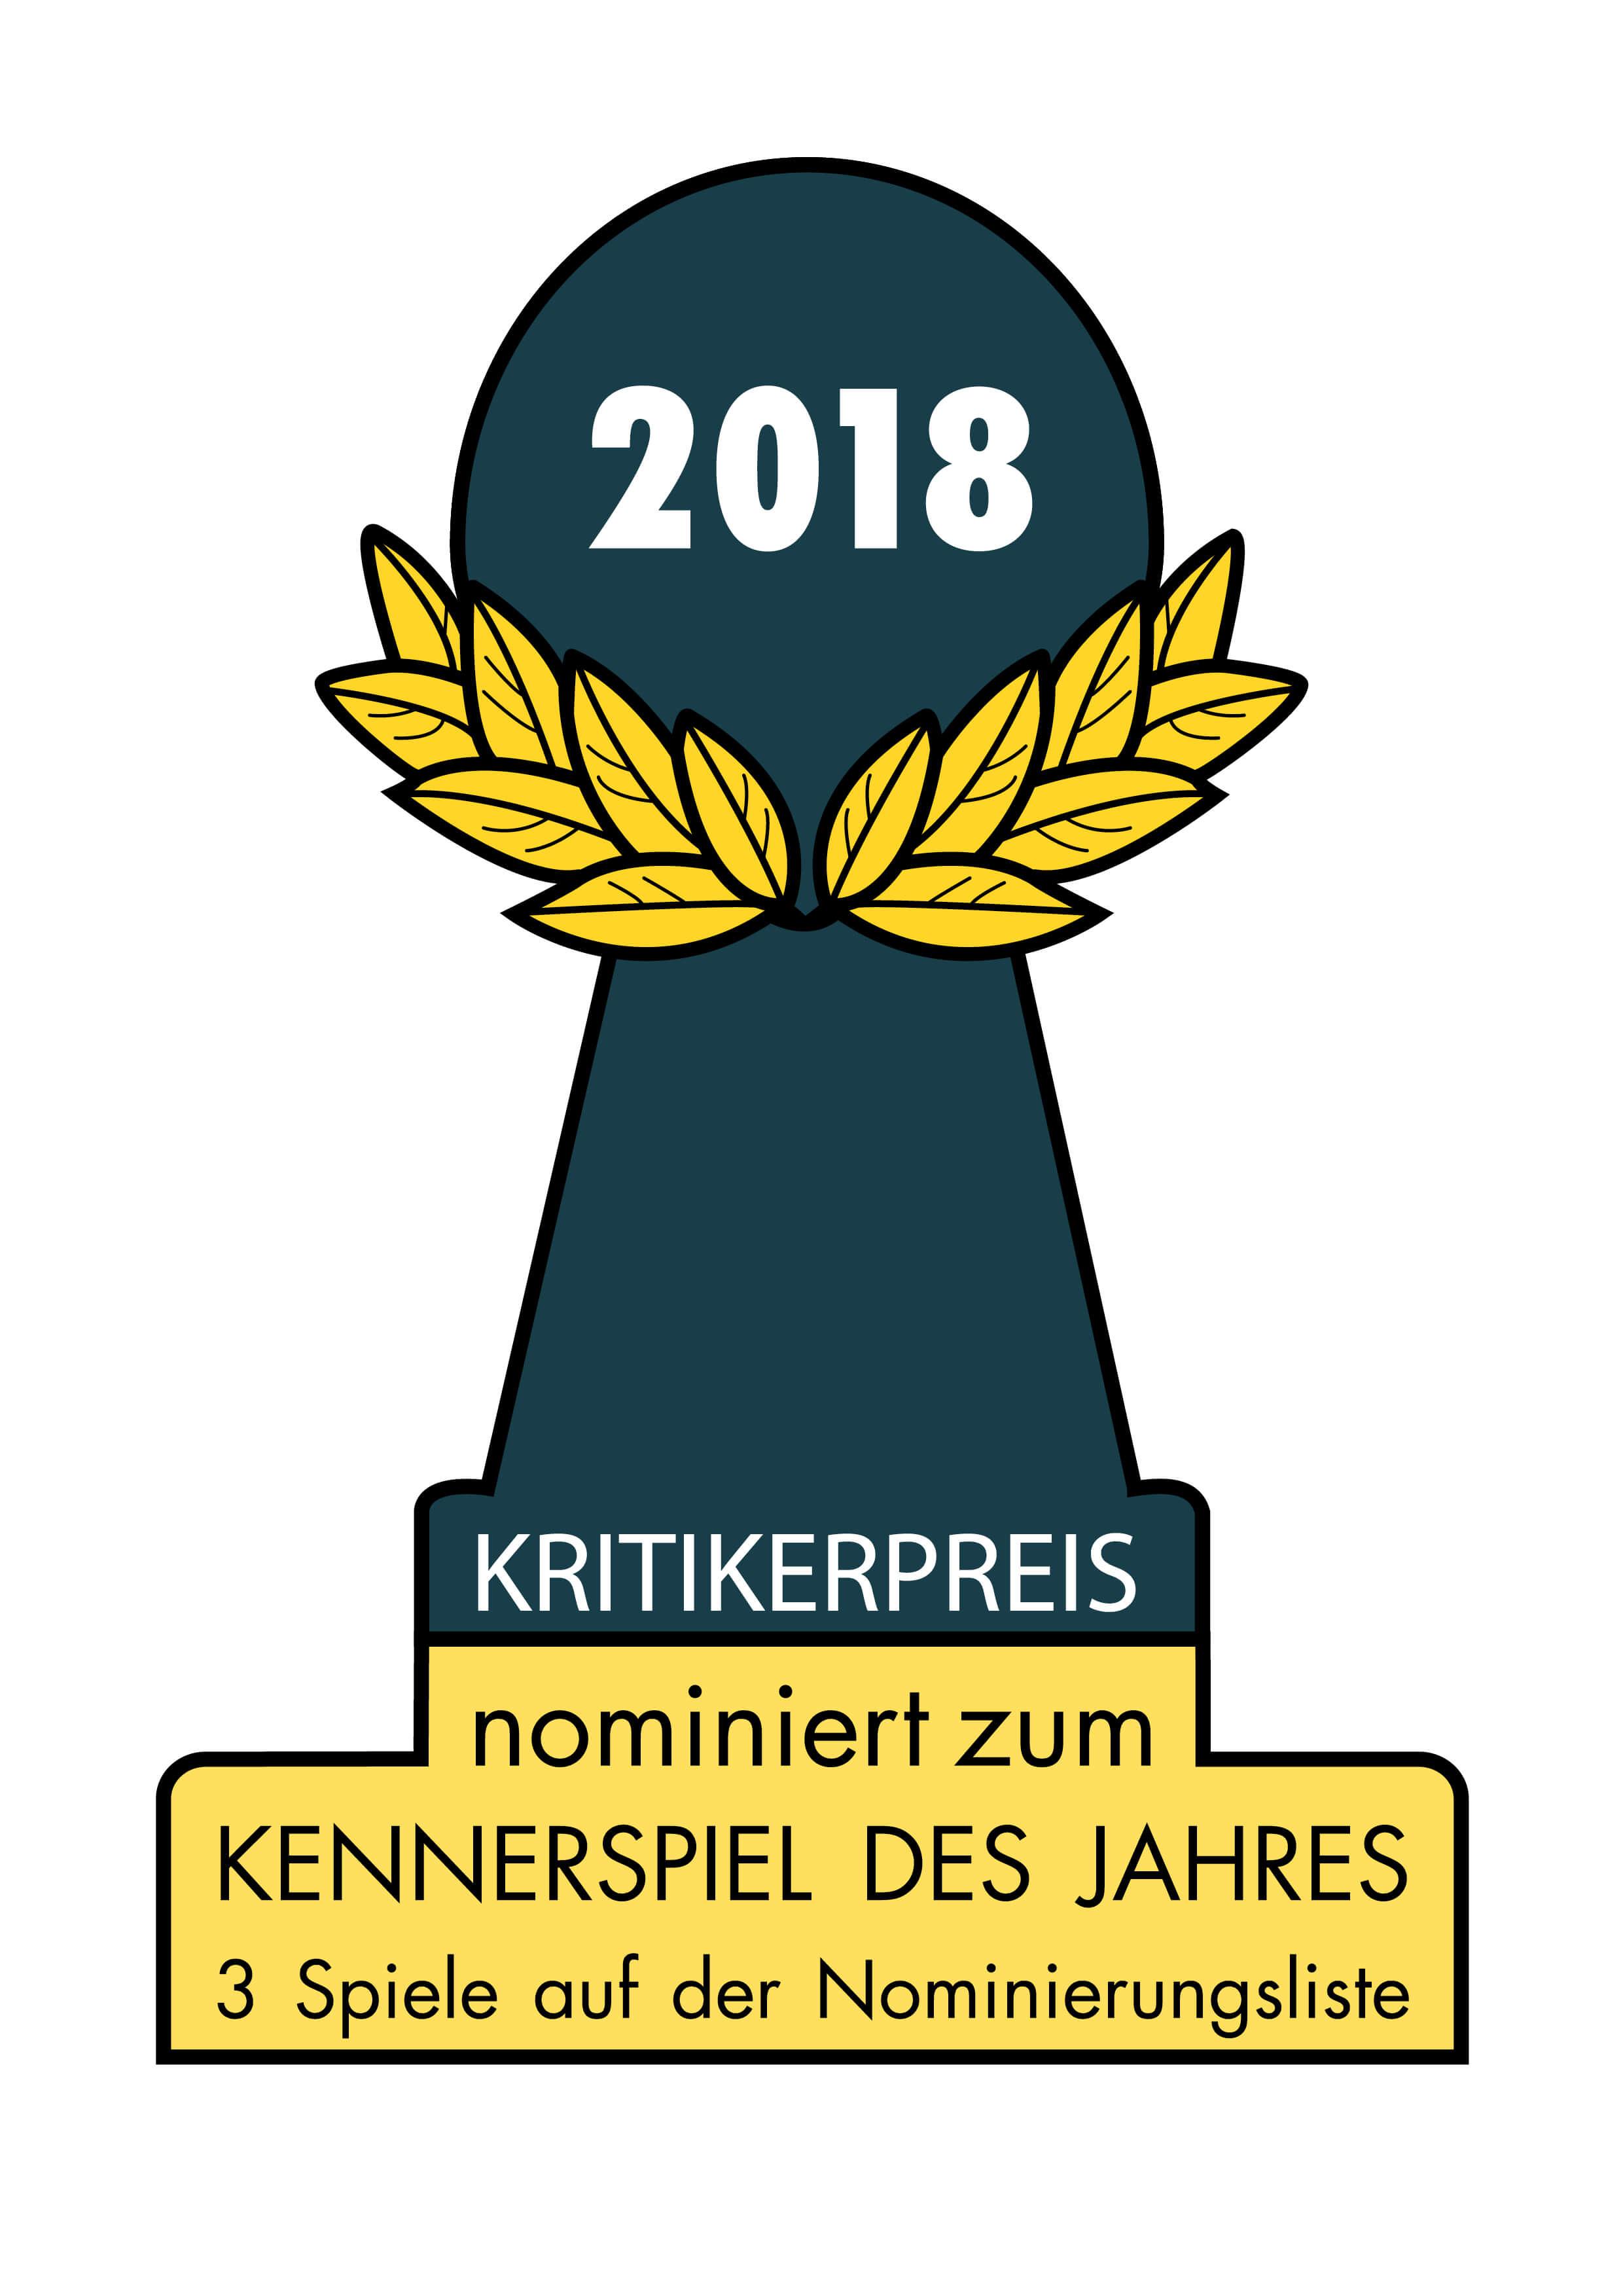 Nomination zum Kennerspiel des Jahres 2018- Heaven & Ale